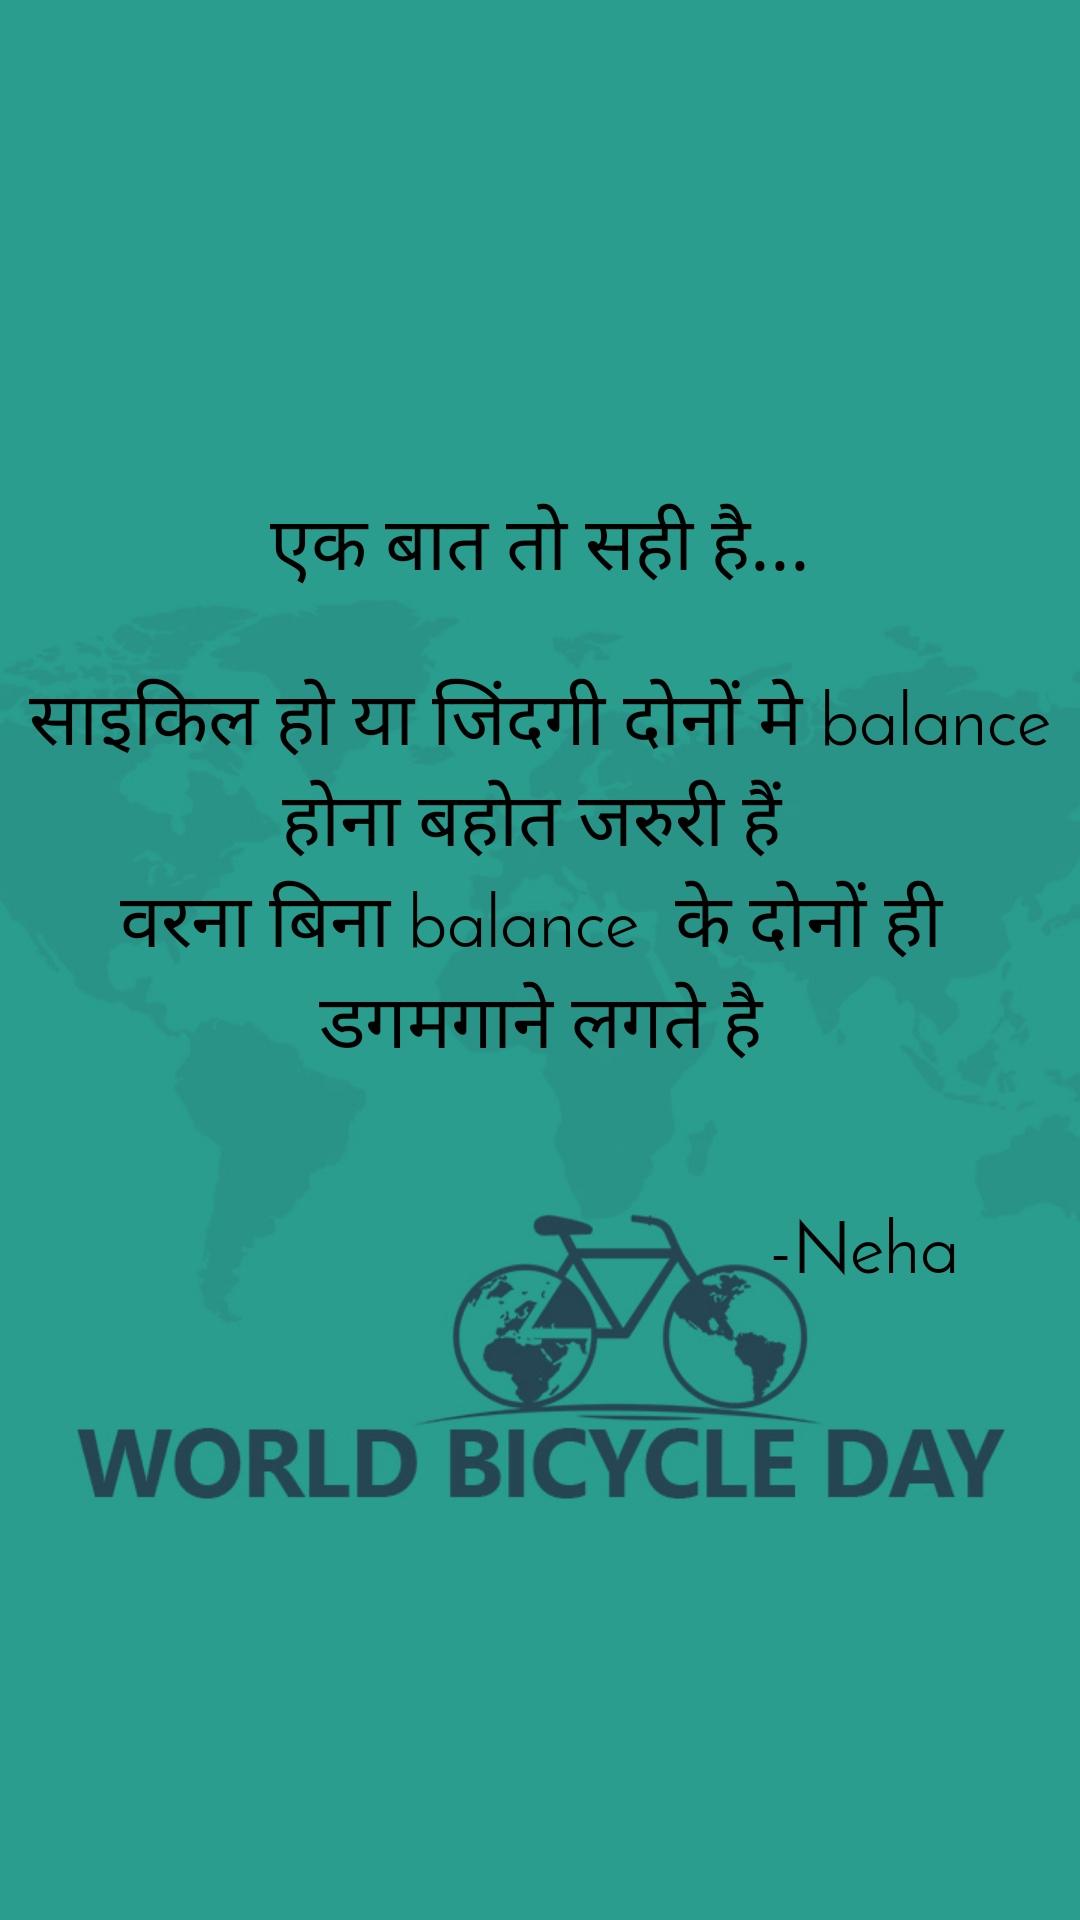 एक बात तो सही है...  साइकिल हो या जिंदगी दोनों मे balance  होना बहोत जरुरी हैं  वरना बिना balance  के दोनों ही  डगमगाने लगते है                                       -Neha